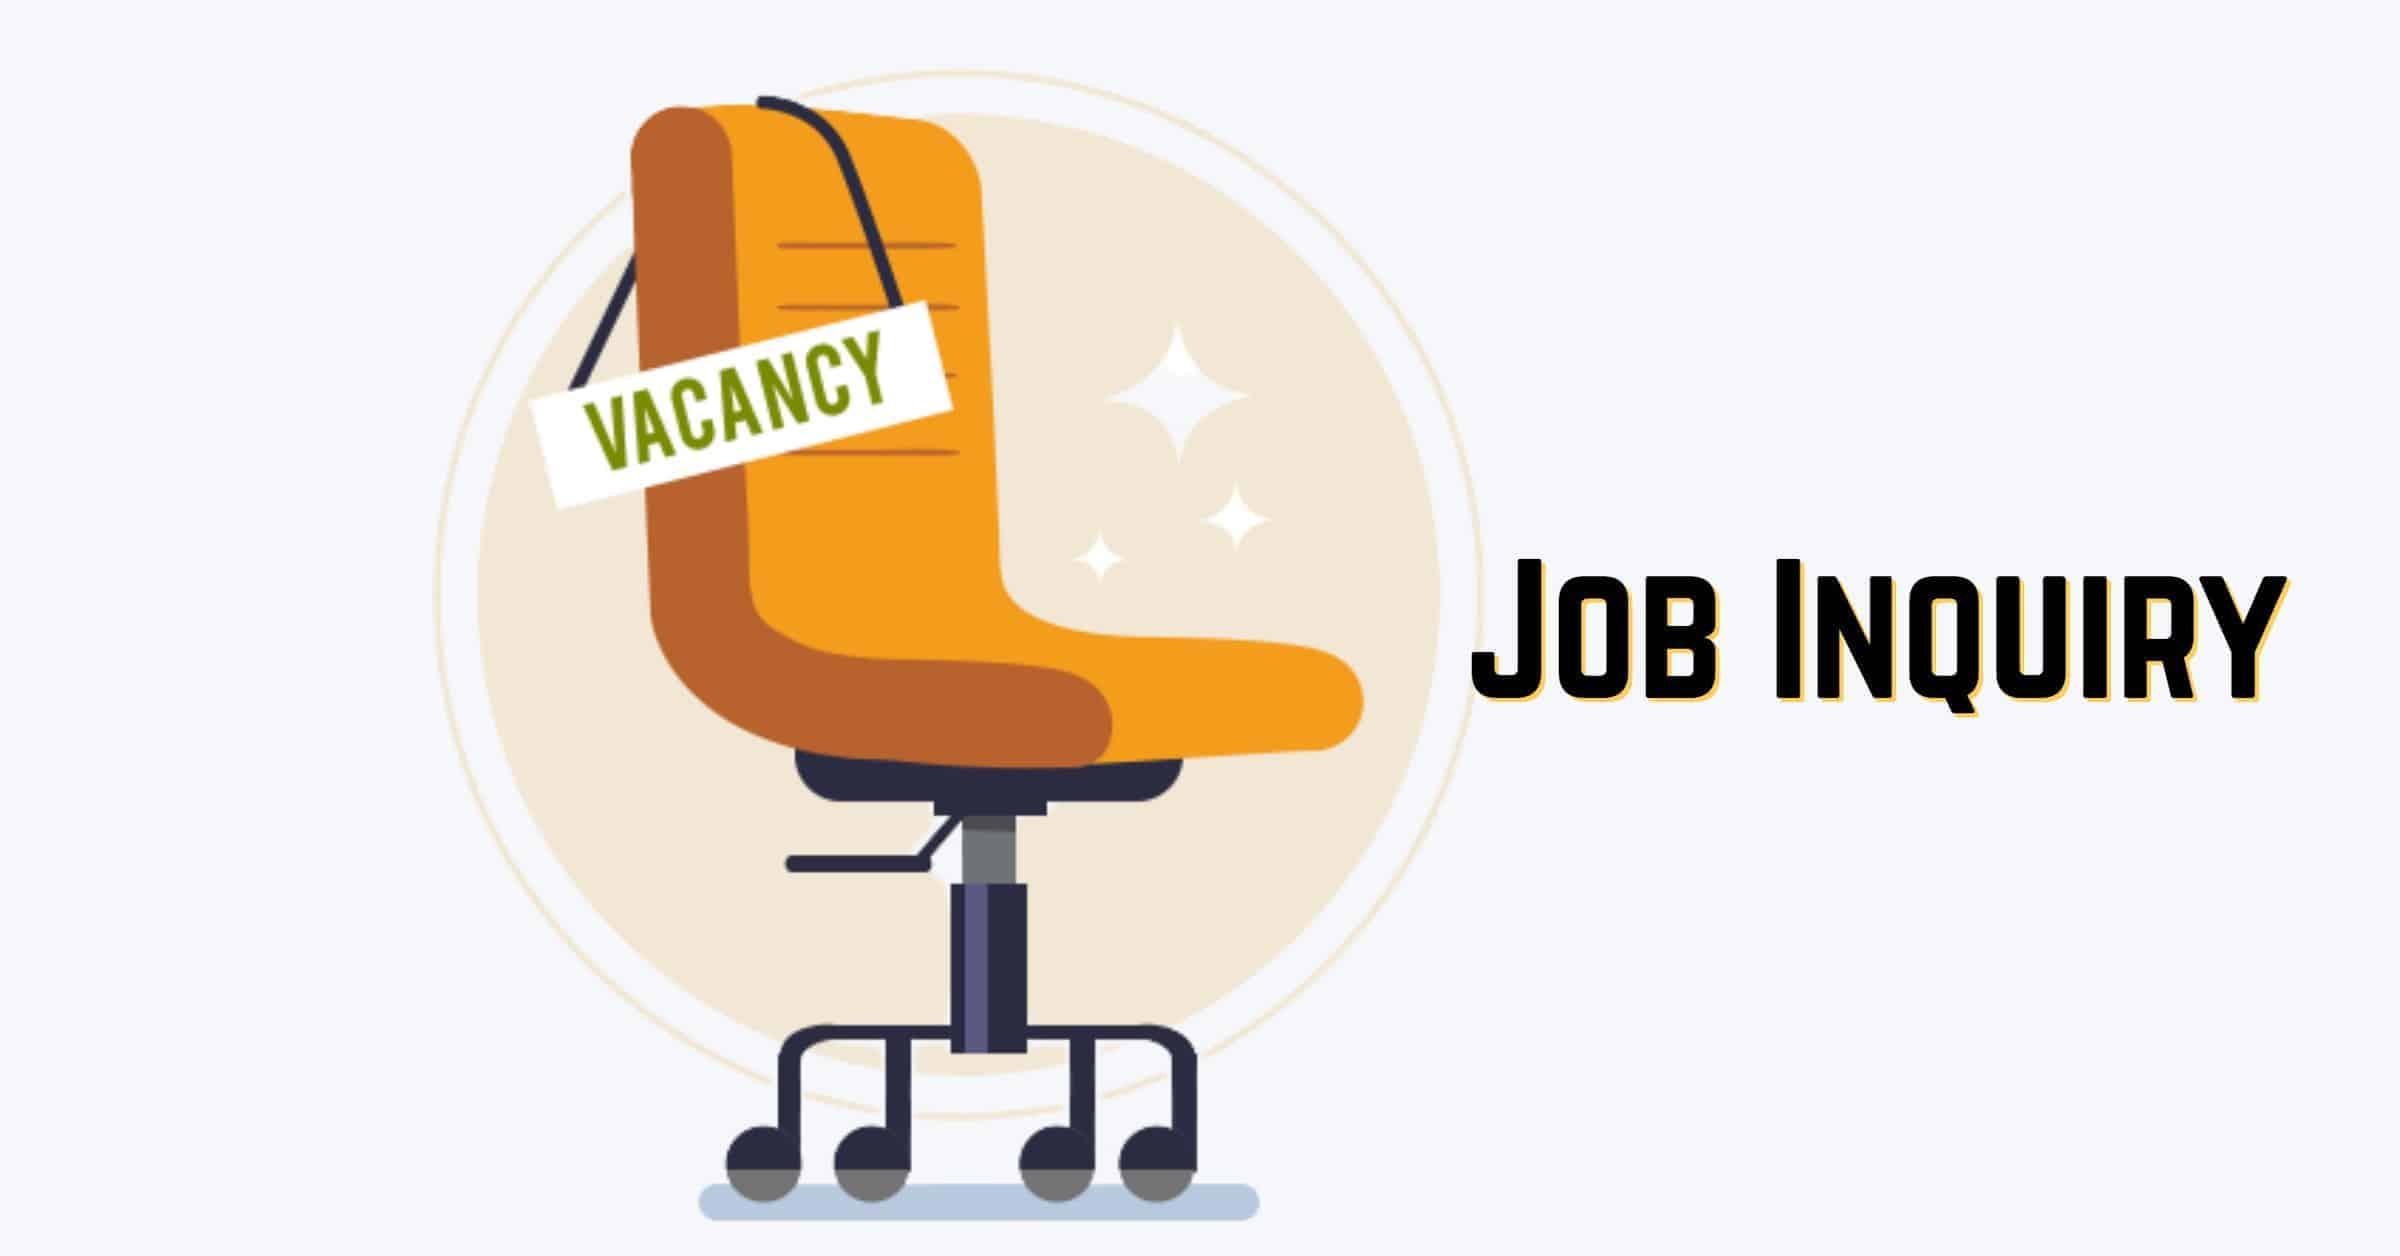 Job Inquiry